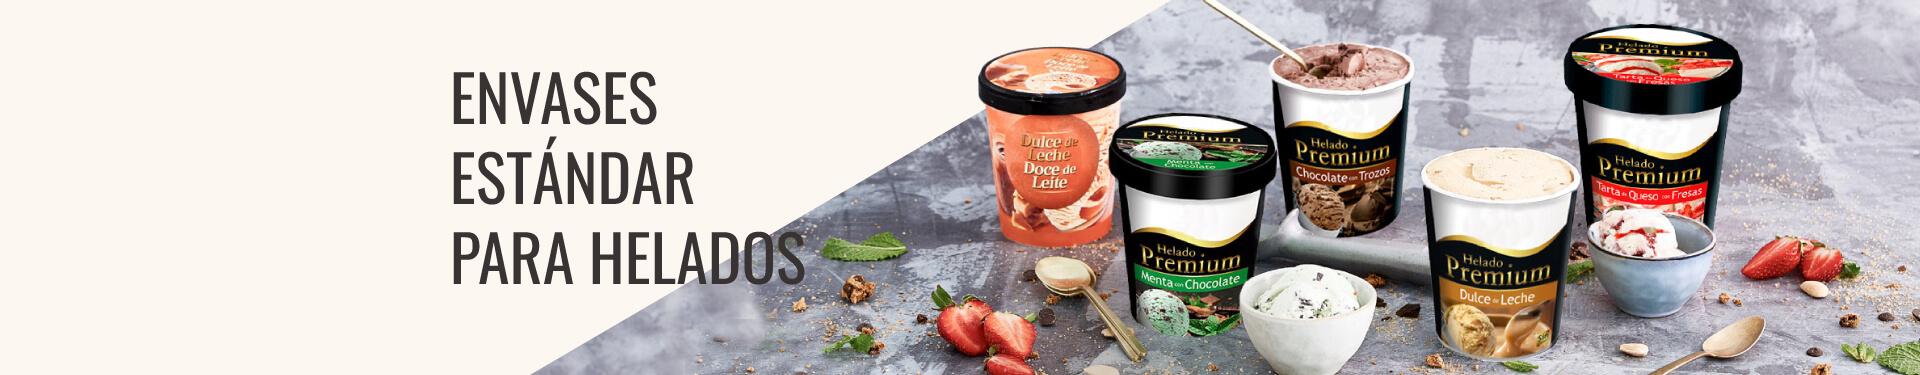 Fabricación envases para helados